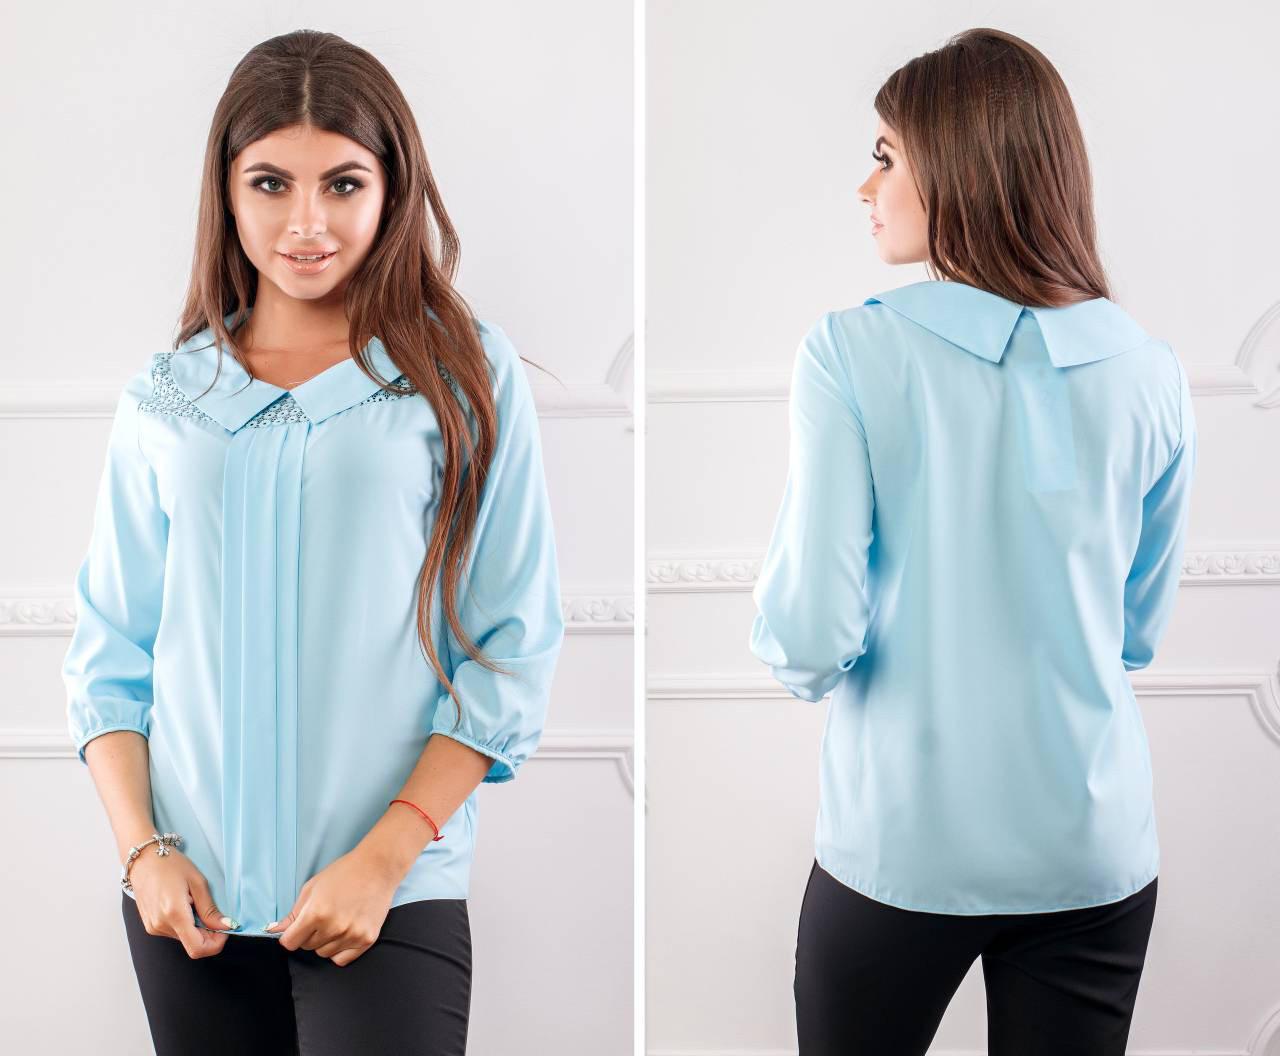 Блуза женская с воротником и кружевом, модель 124, цвет - голубой